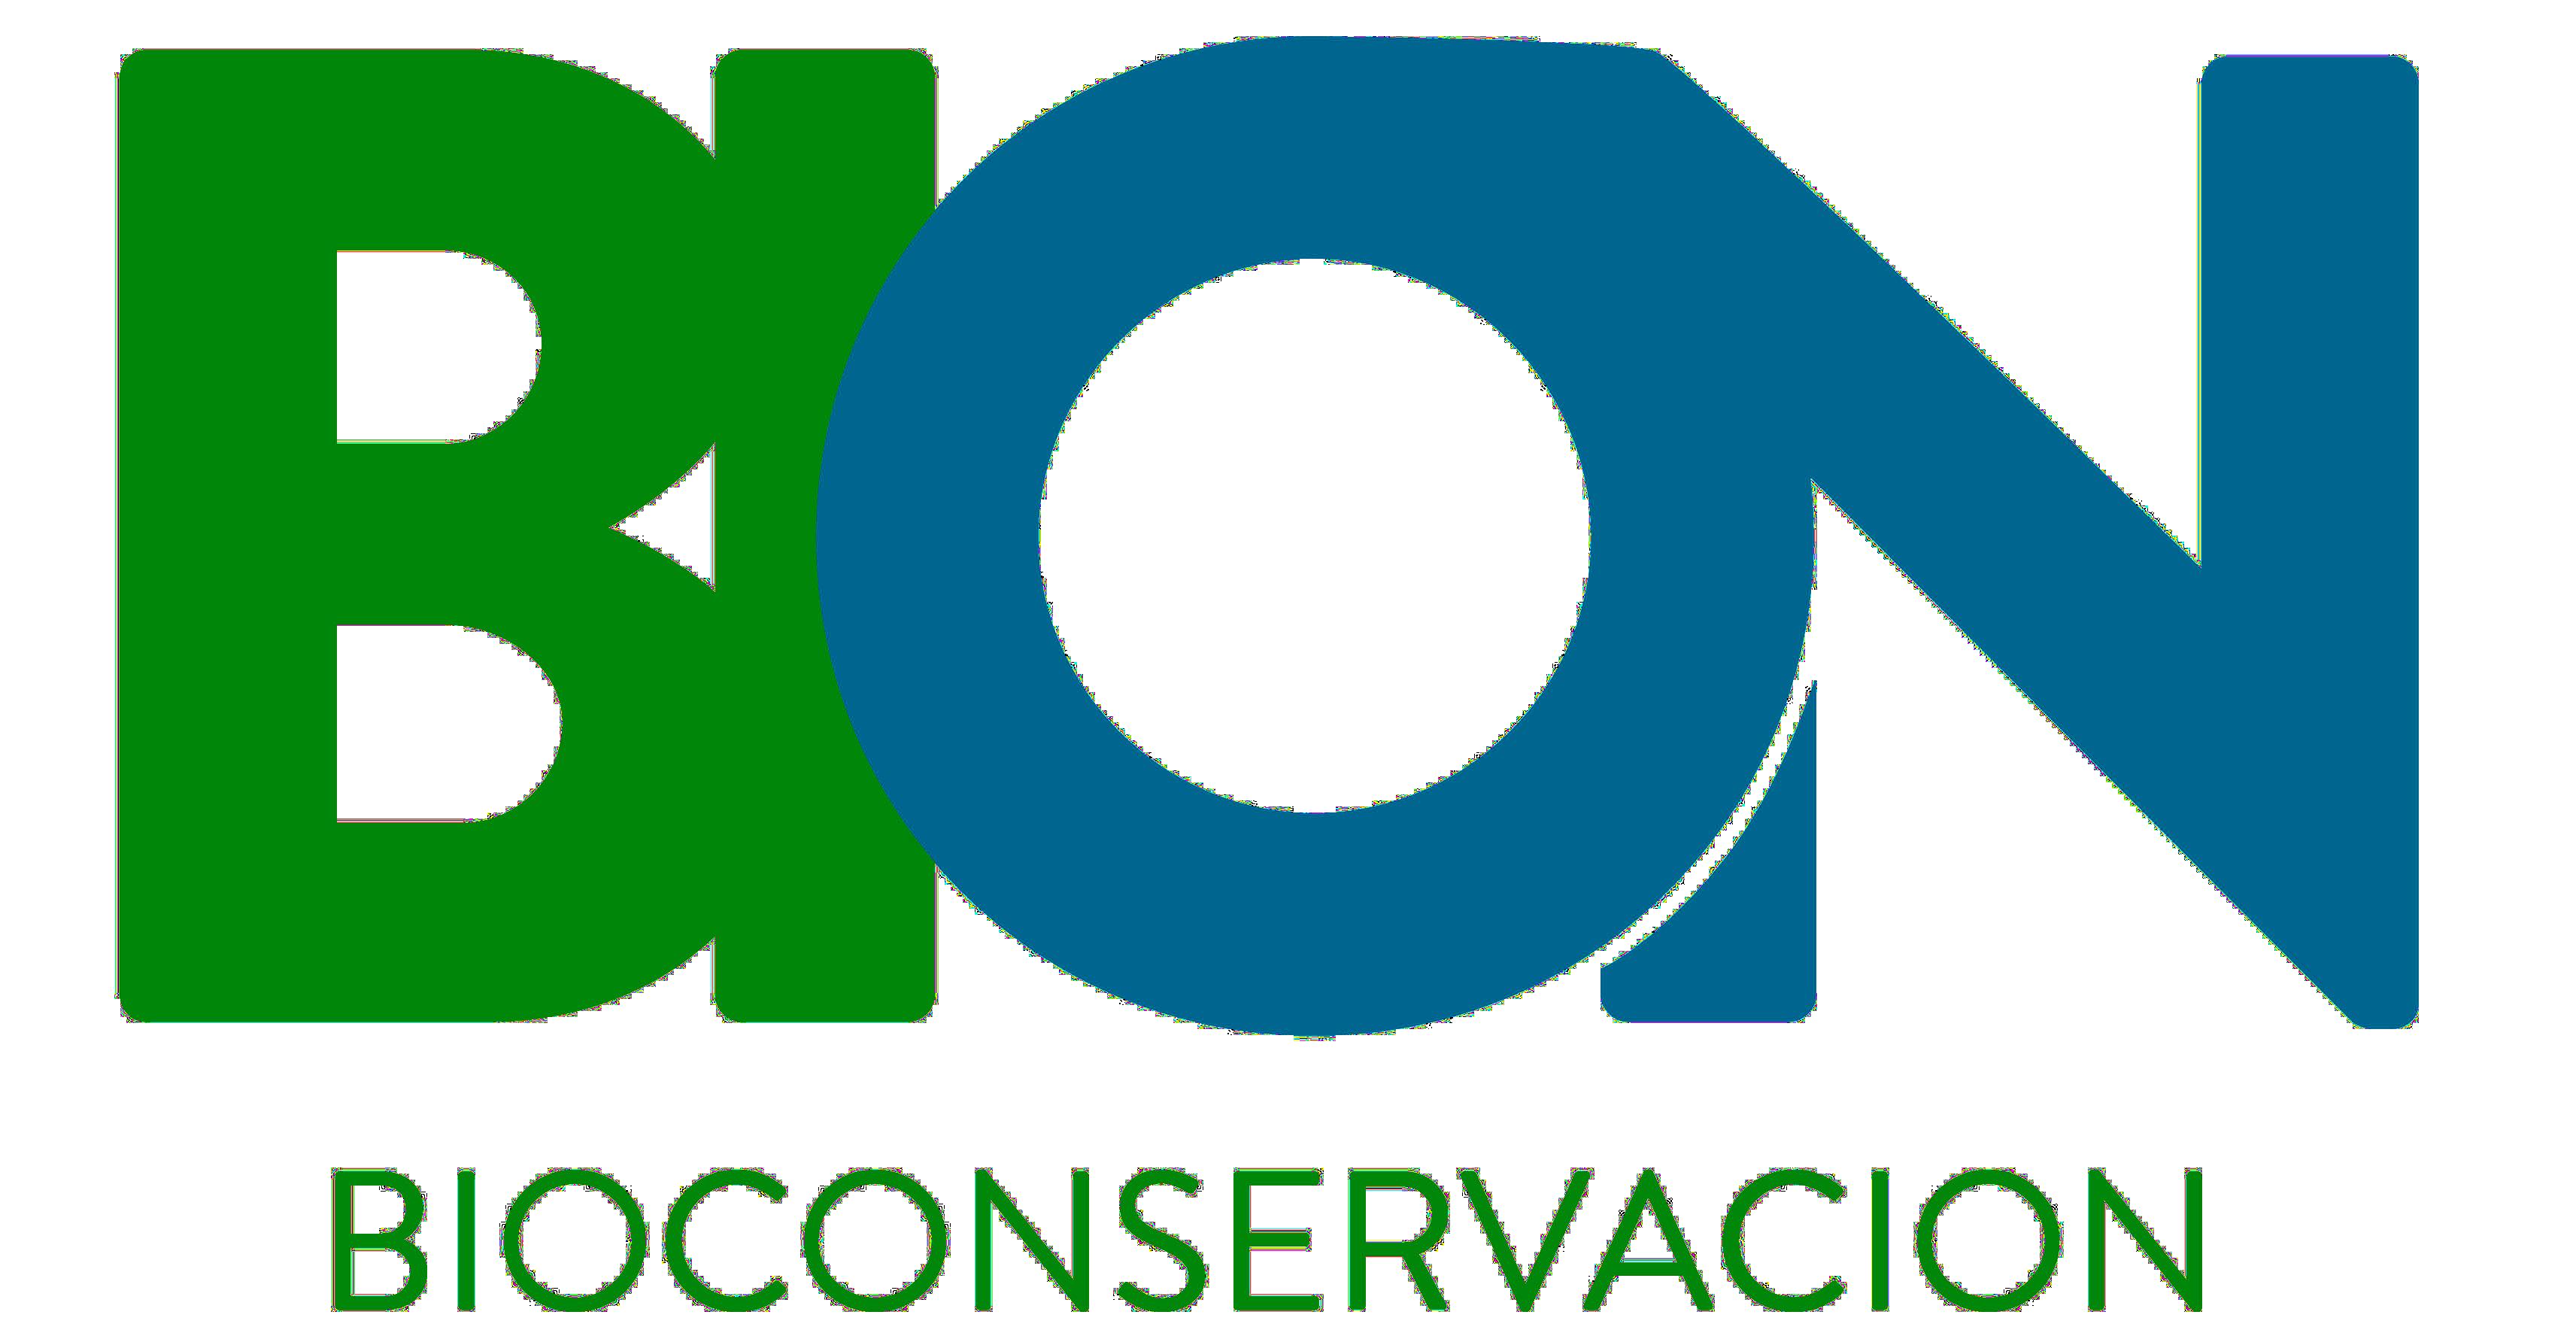 Bioconservacion